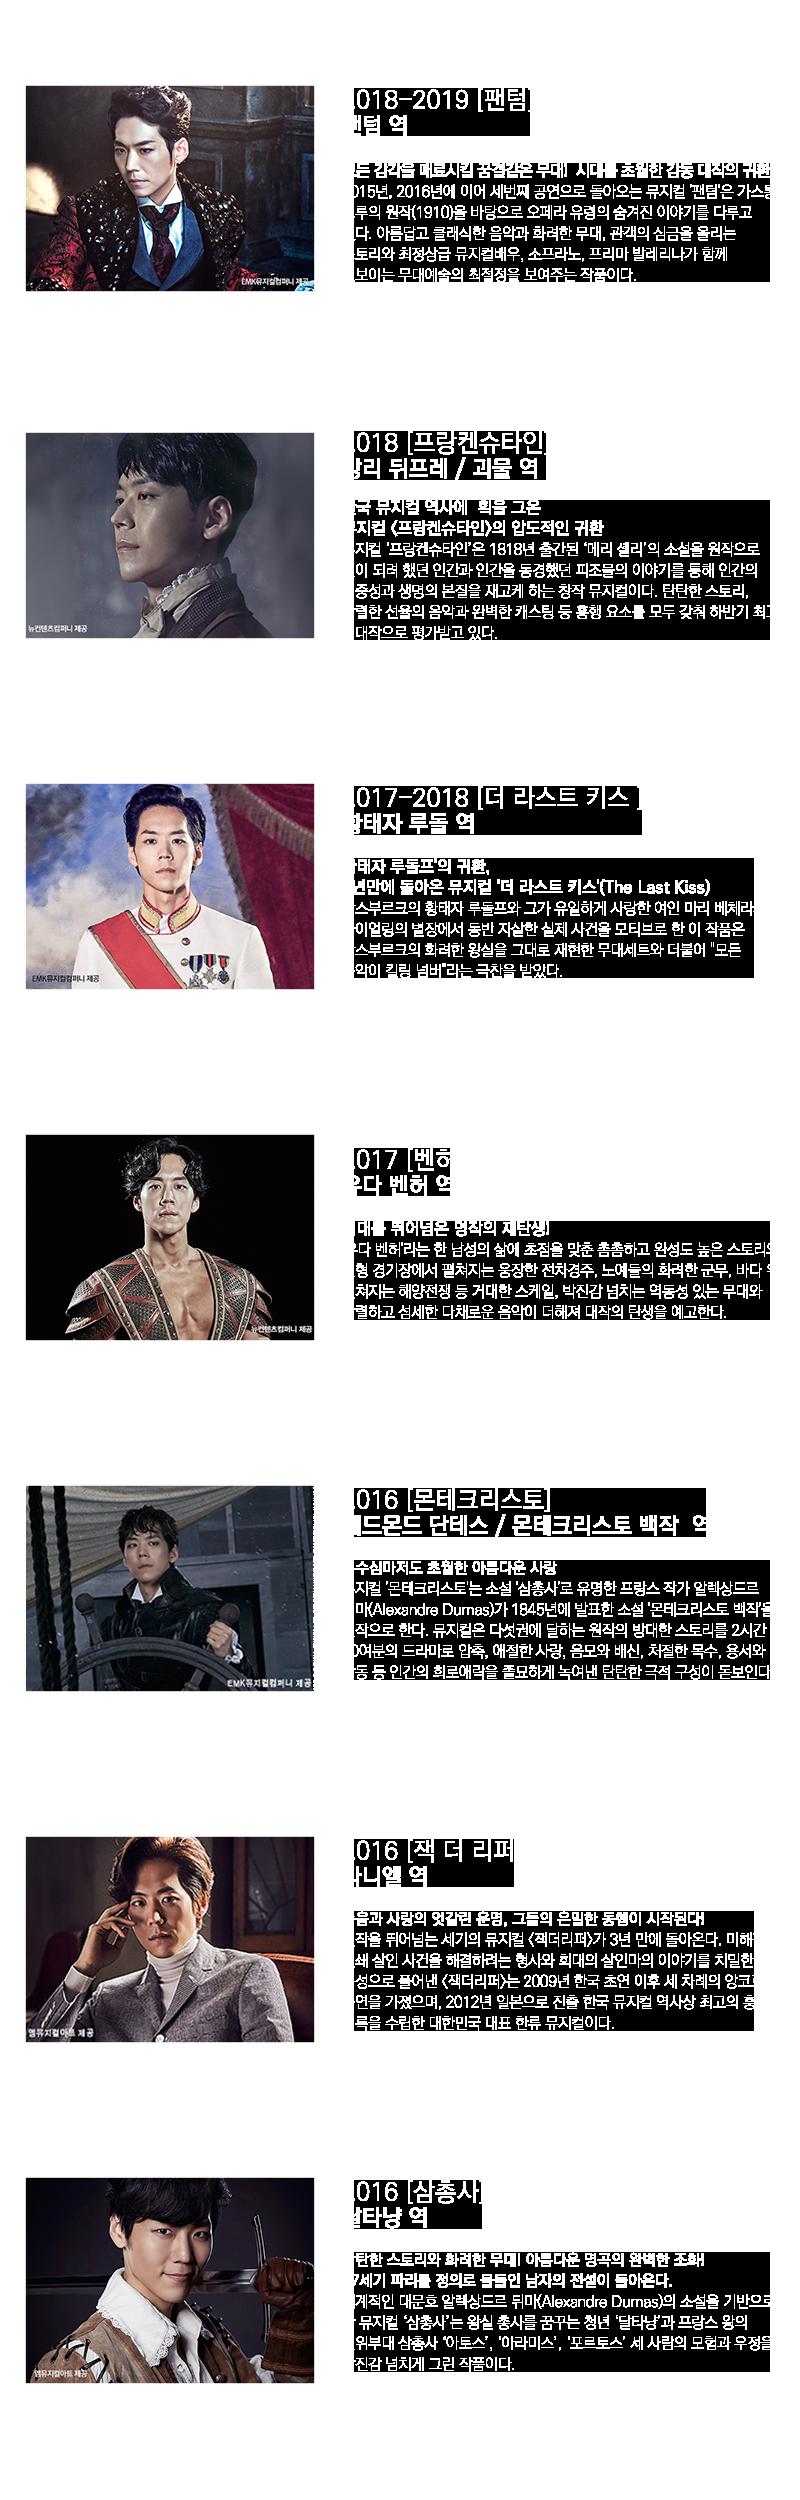 뮤지컬-필모-2021-수정-2.png